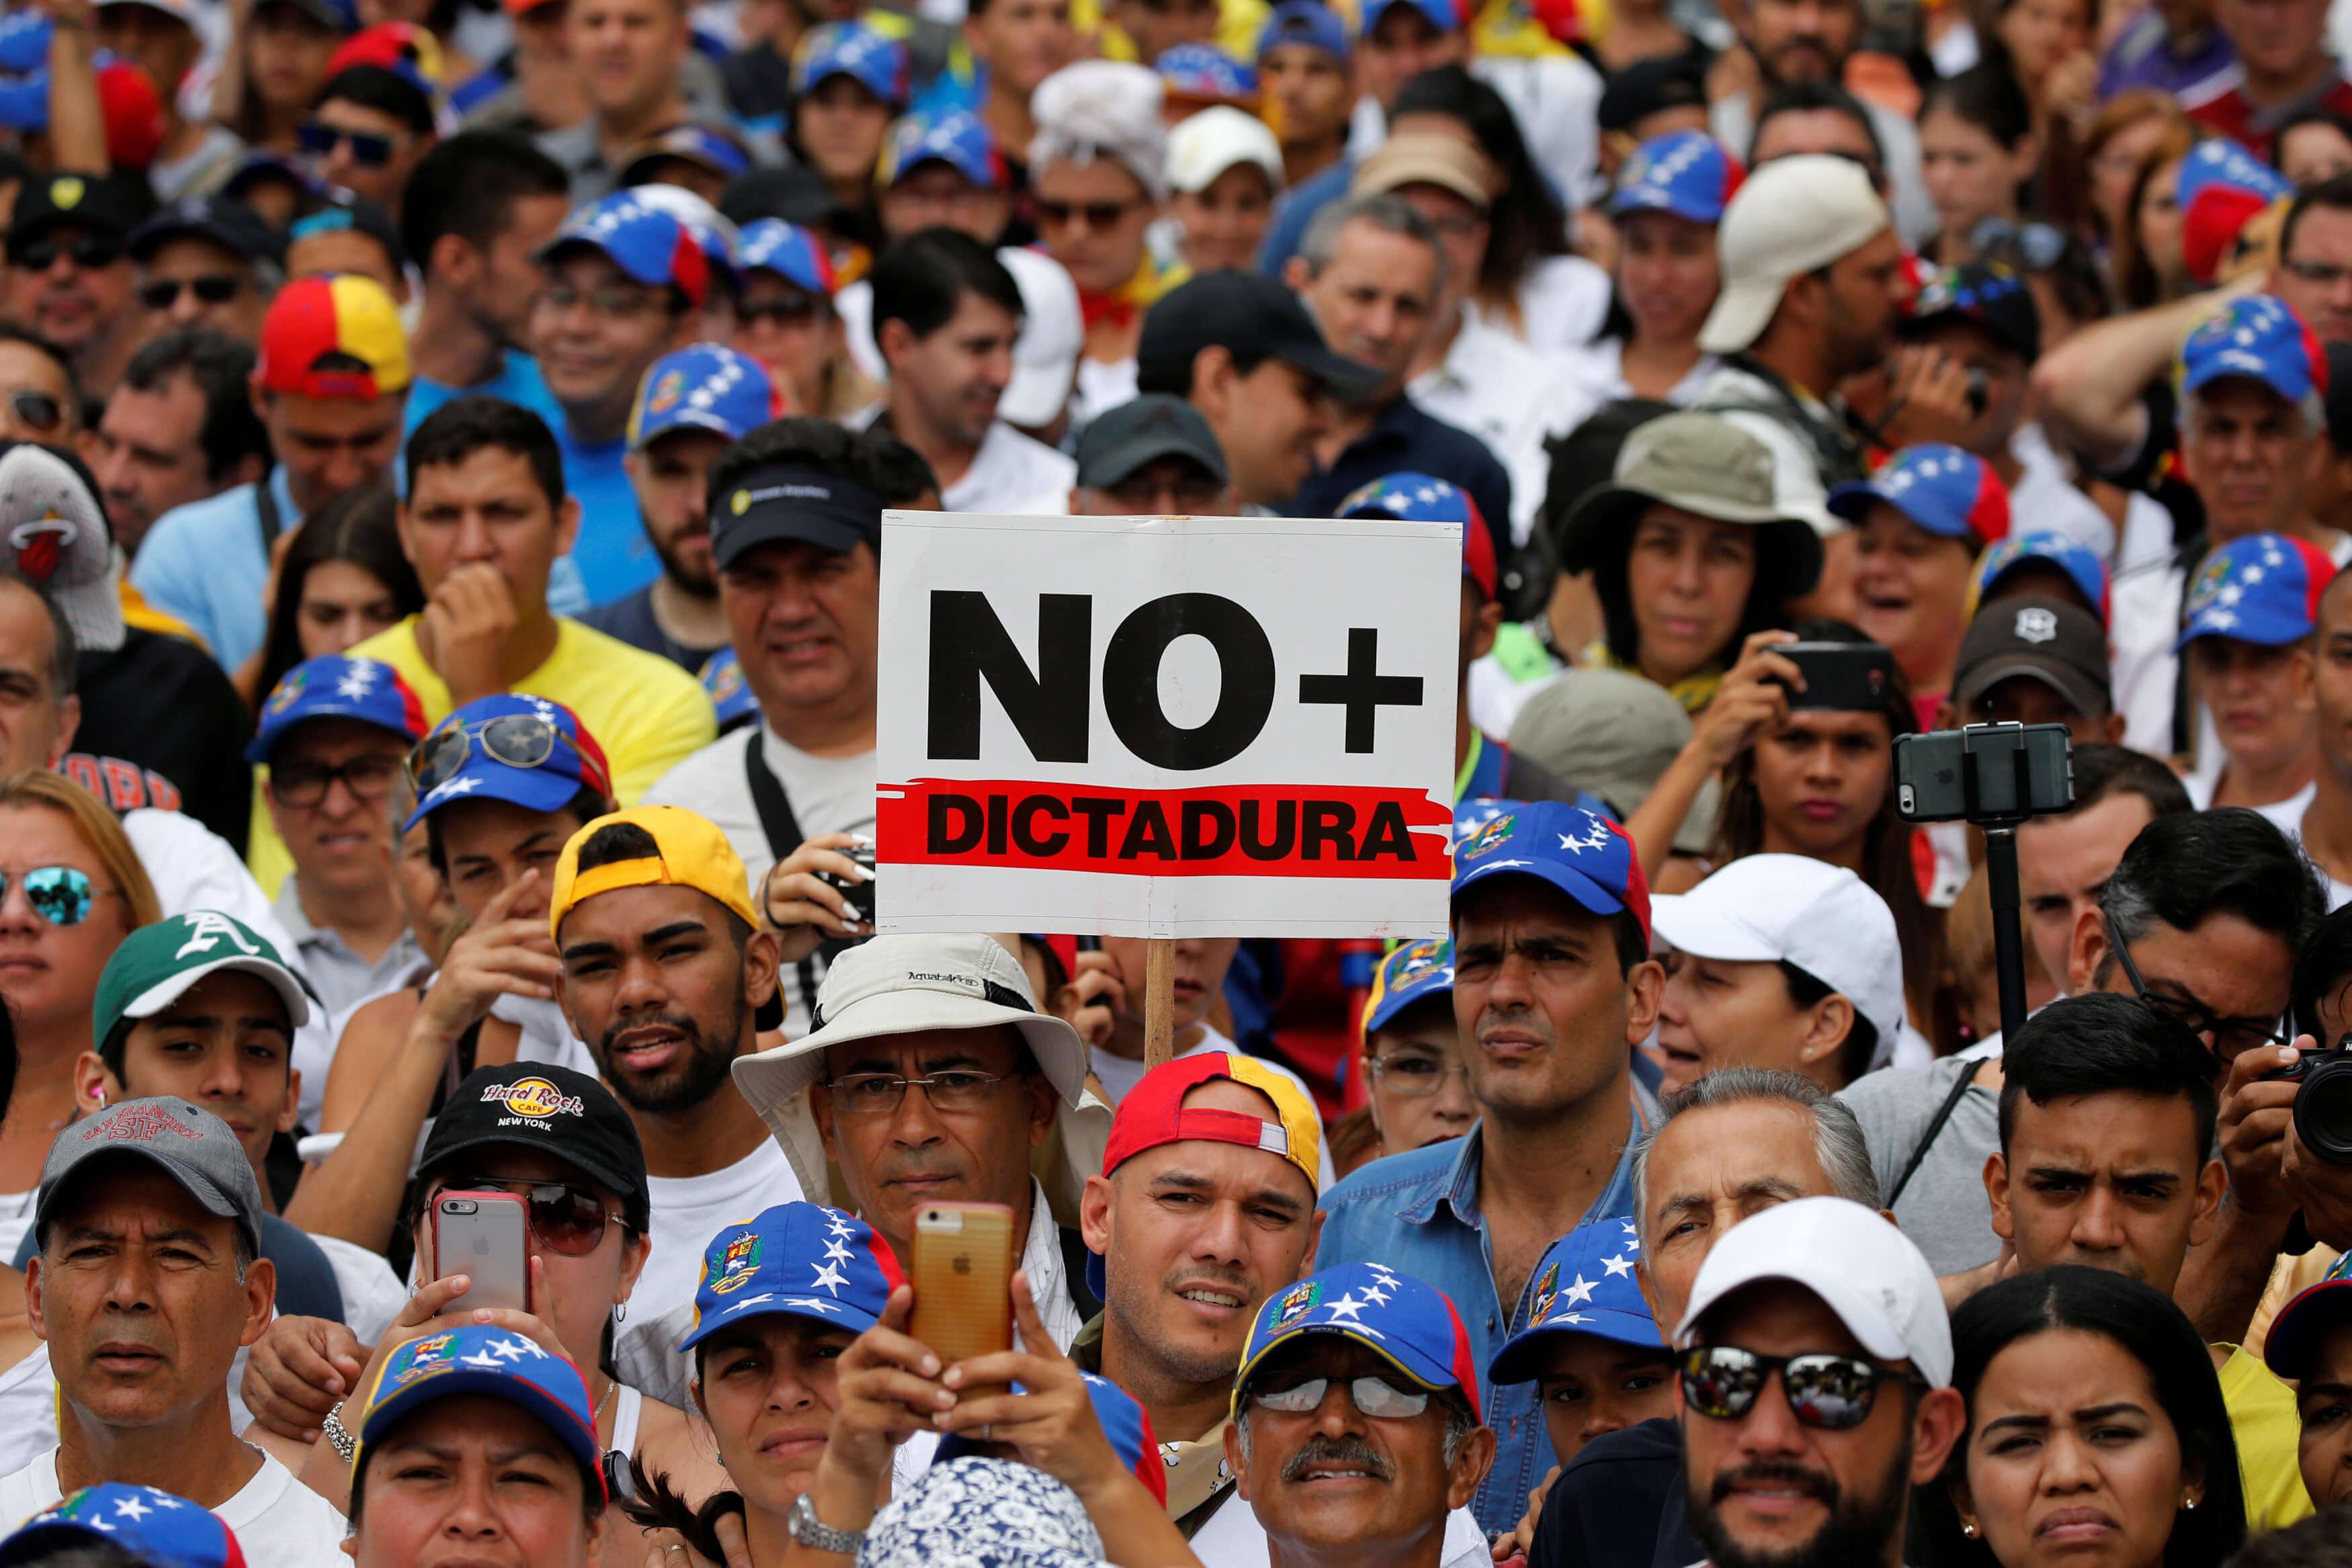 Borges asegura que conformación de la Constituyente afectaría democracia